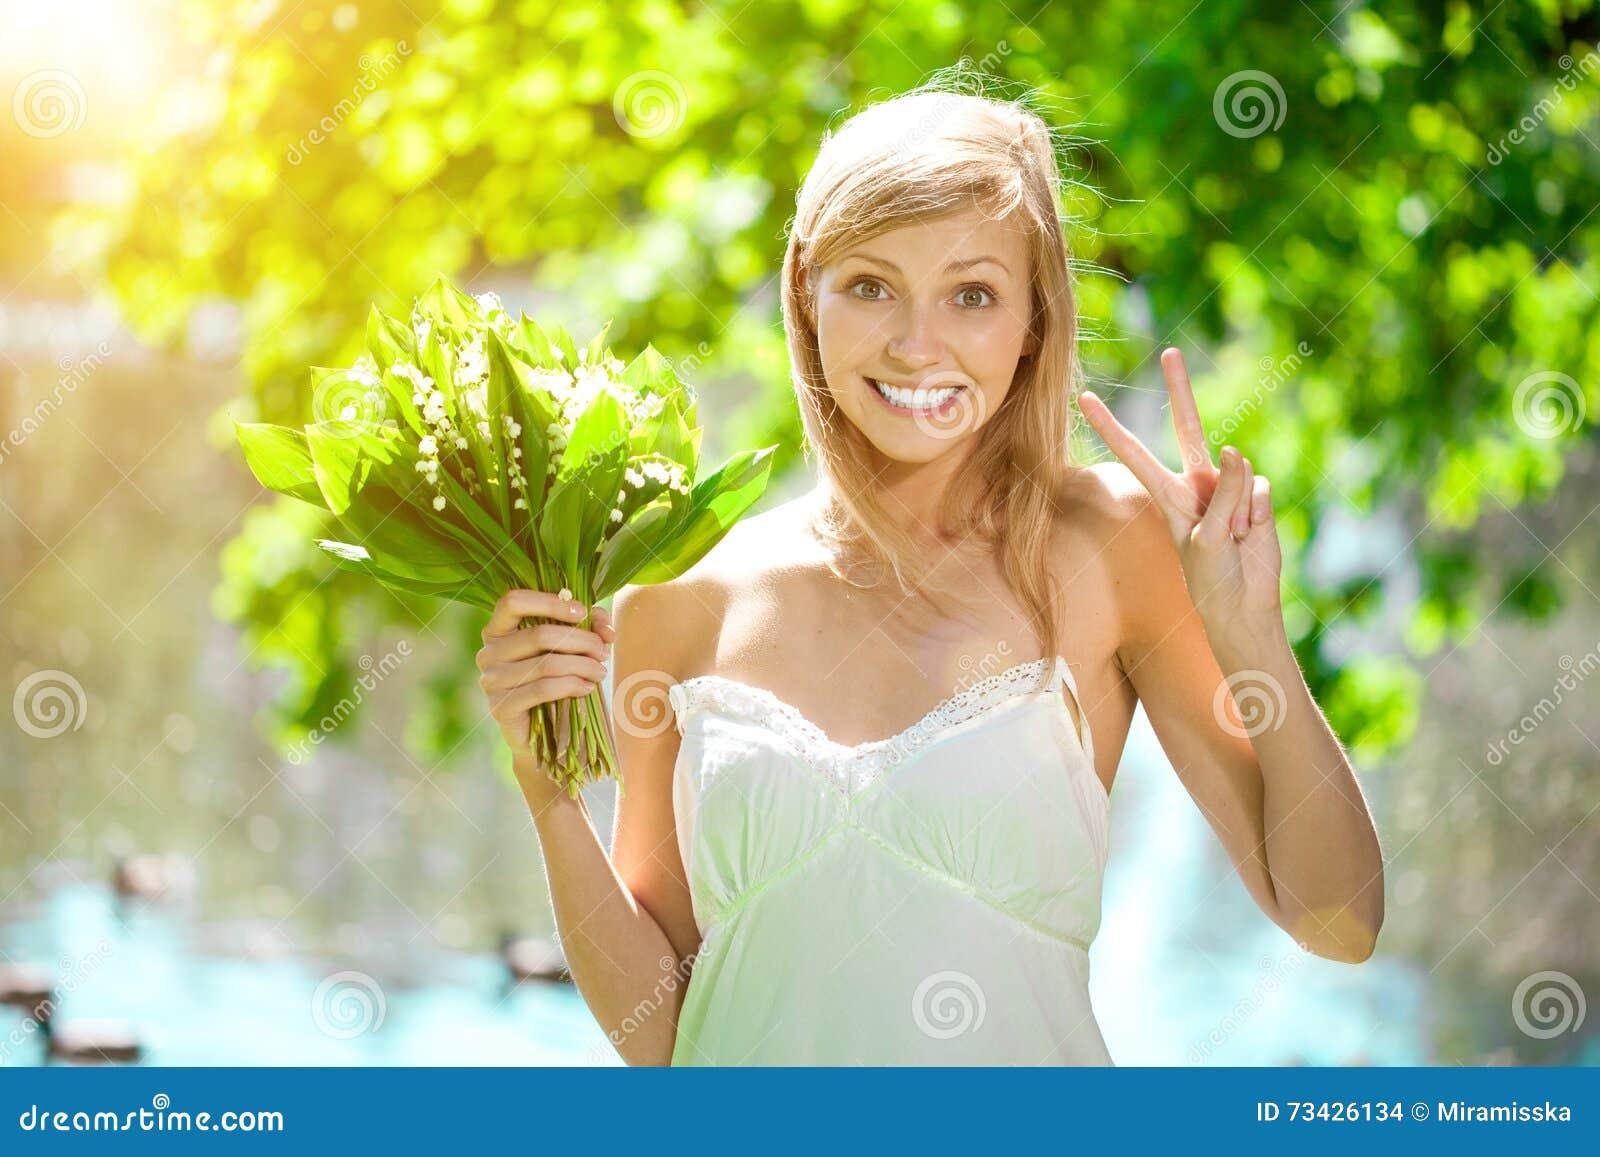 Jonge vrouw met een mooie glimlach met gezonde tanden met flowe